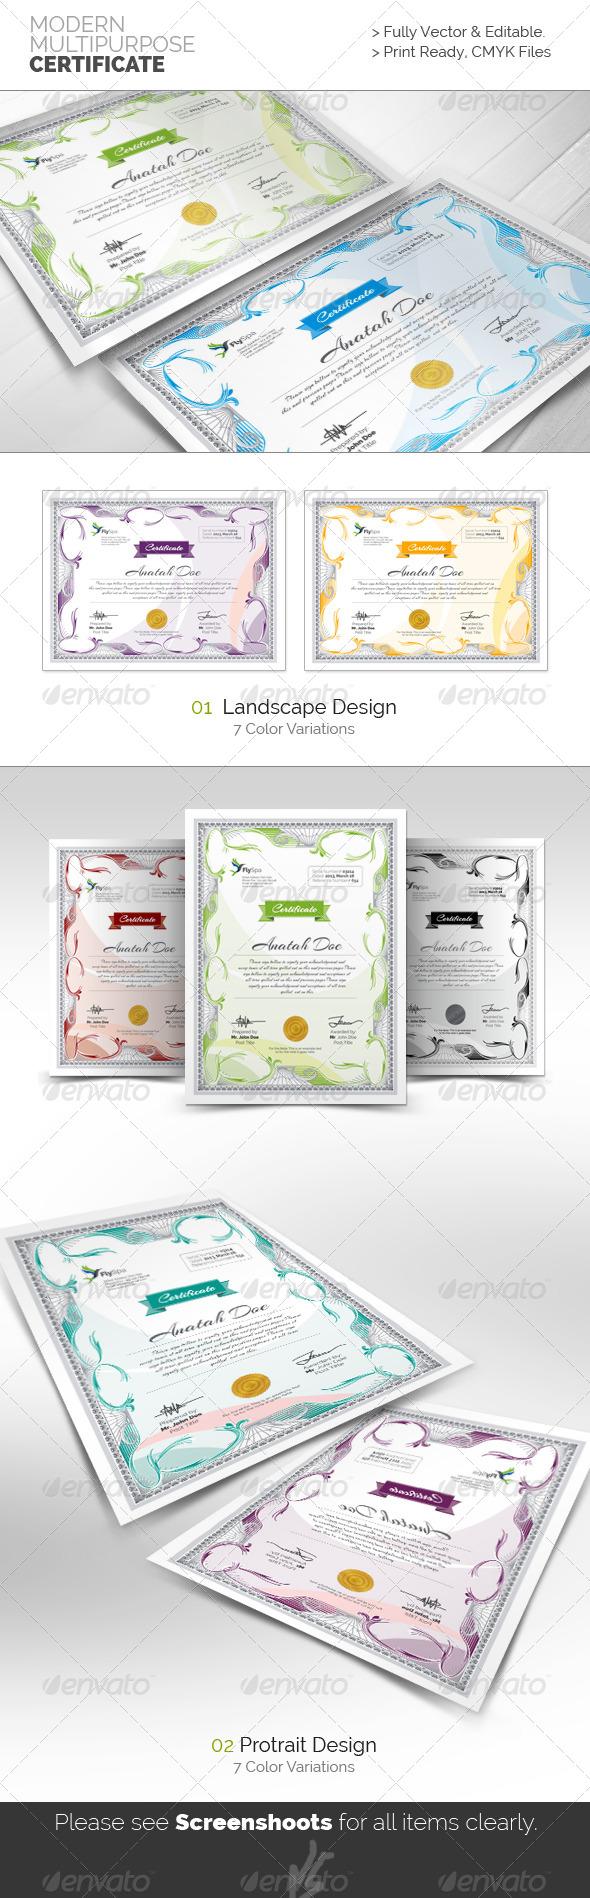 Modern Multipurpose Certificates v2